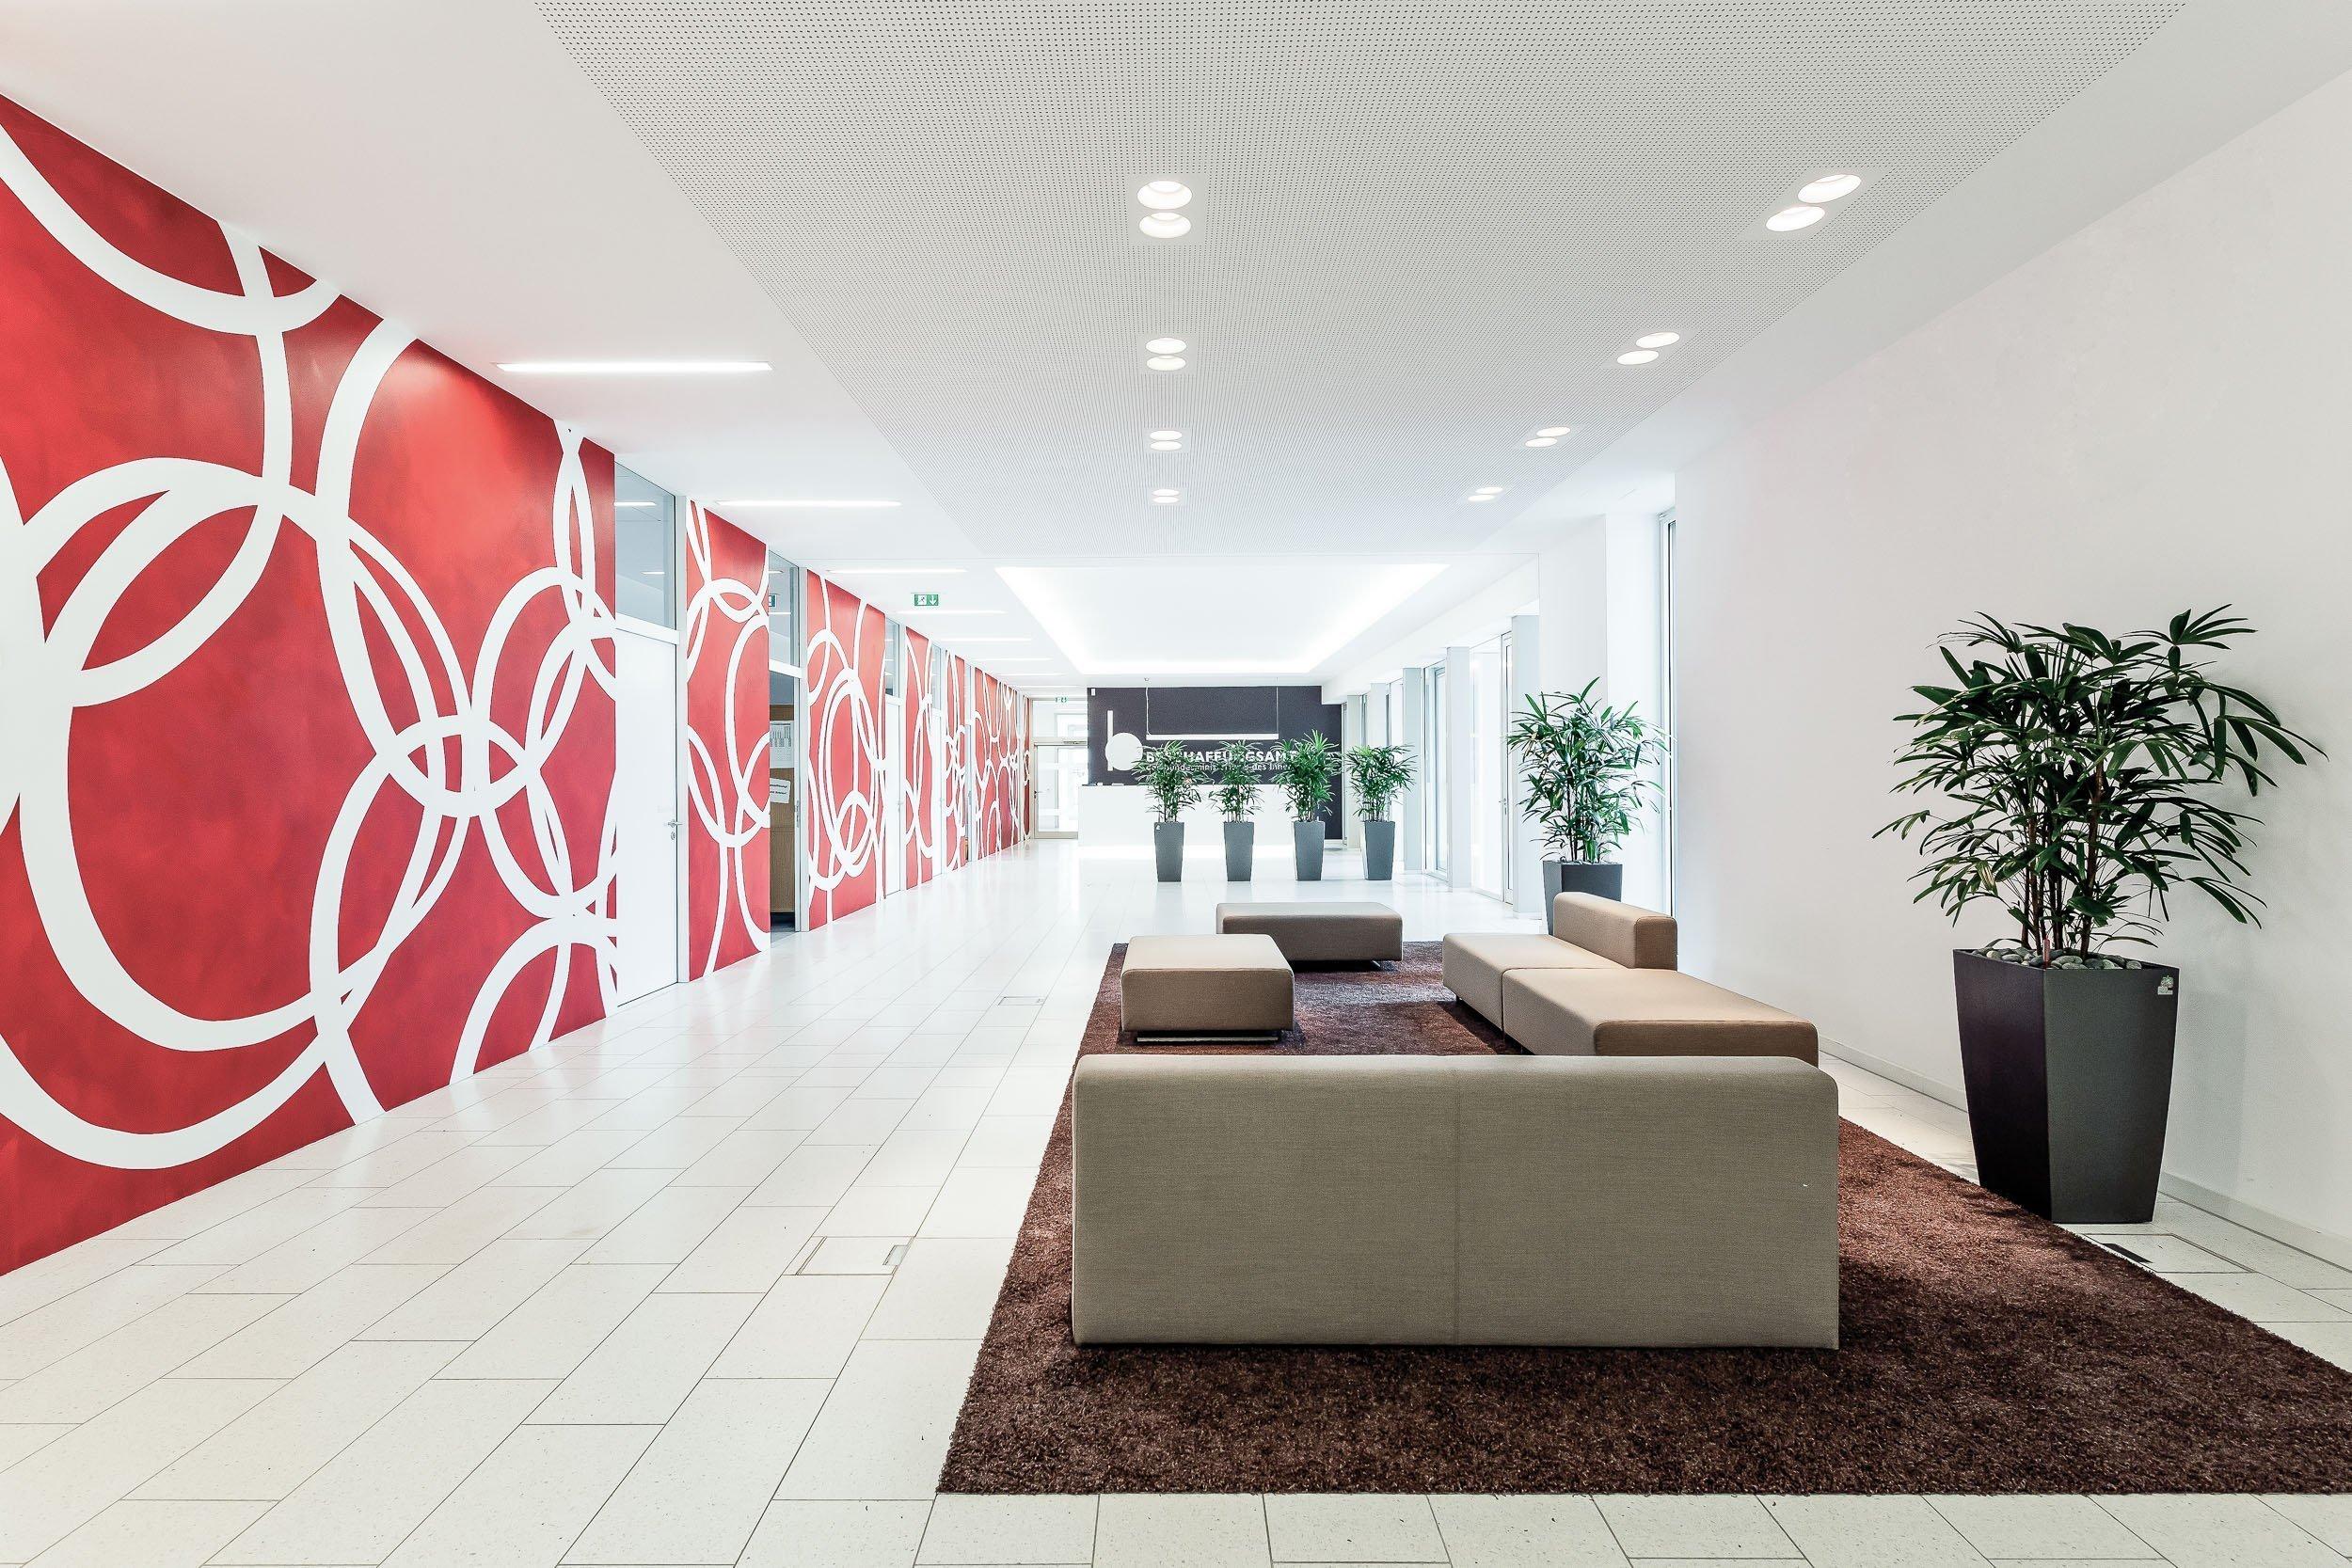 Beschaffungsamt Bonn - Eingangsbereich mit Sitzmöglichkeiten